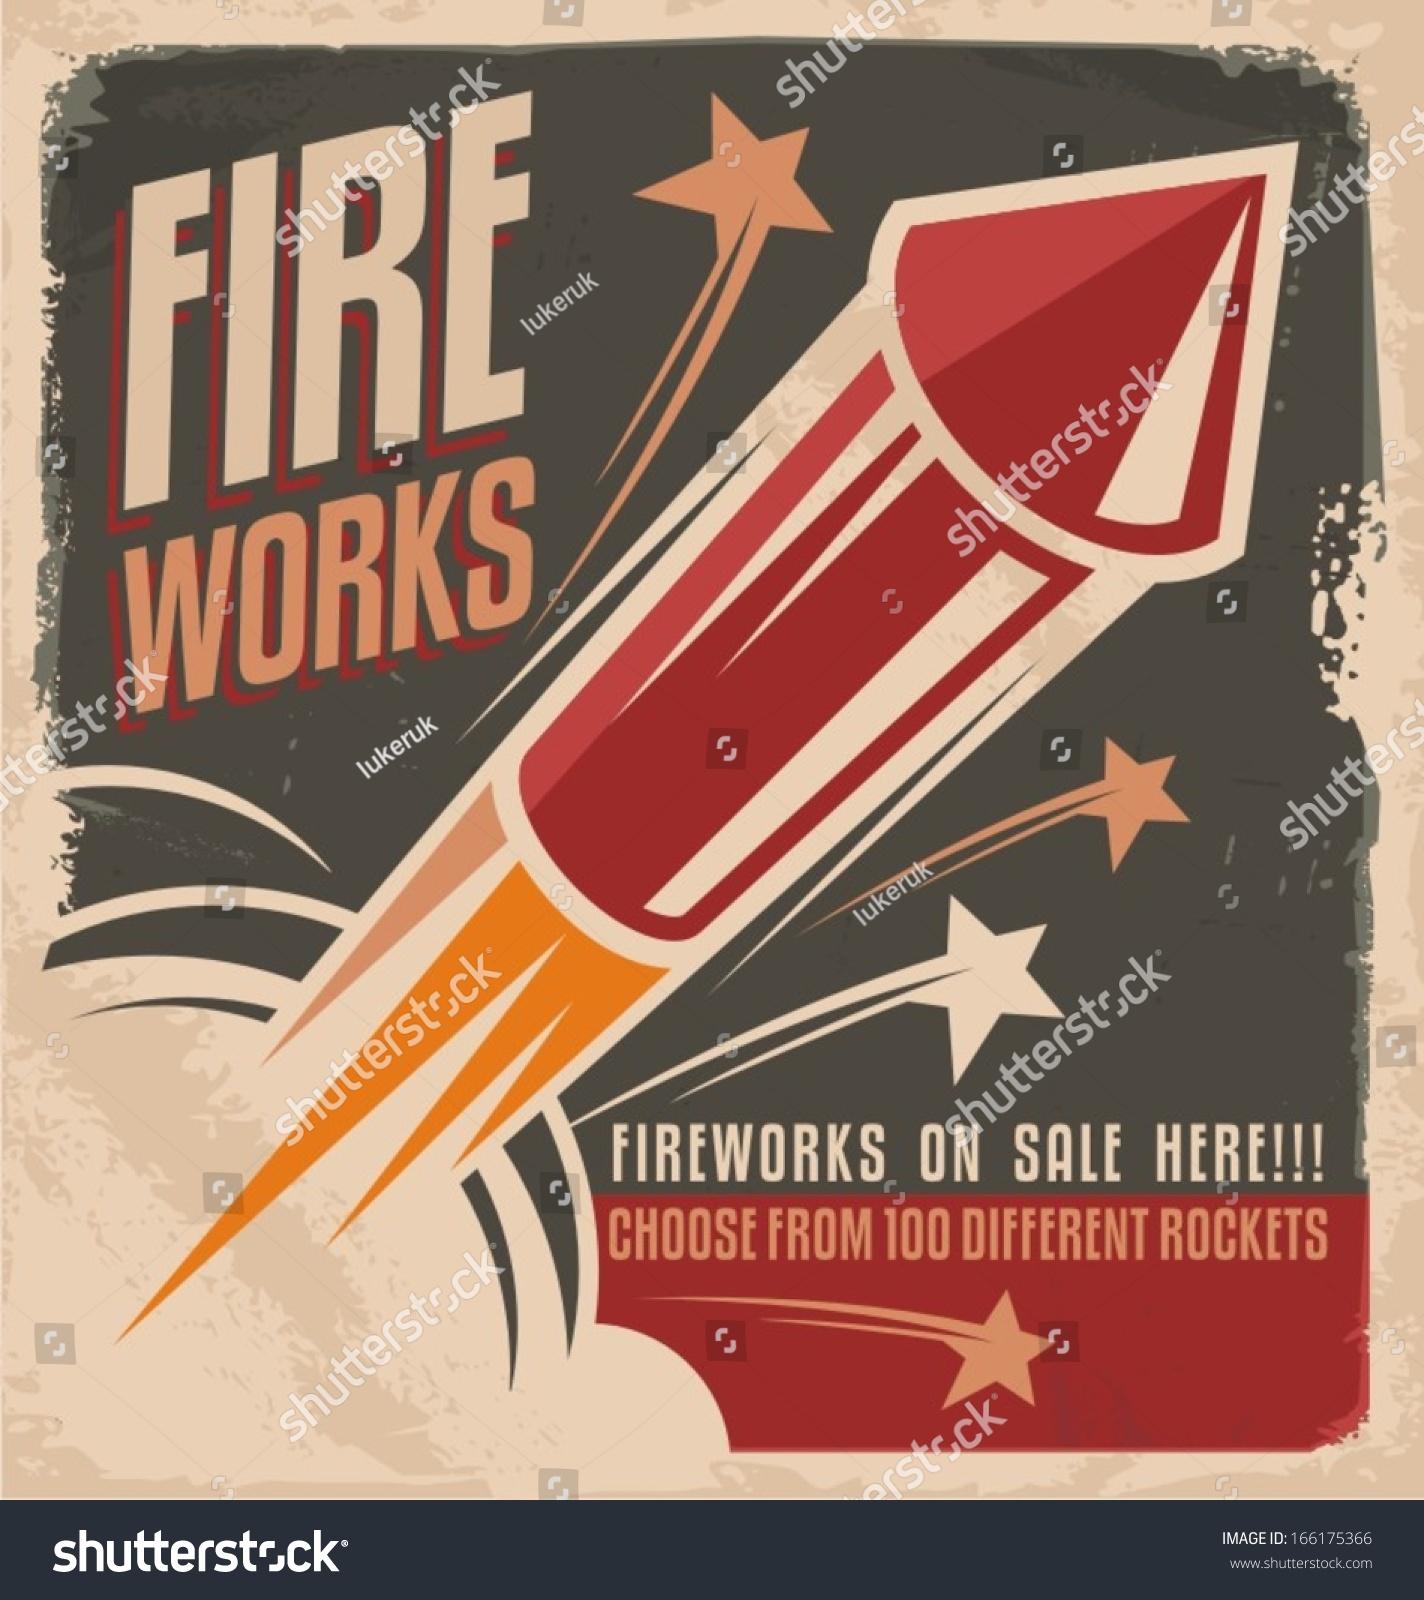 Vintage Fireworks Poster Design Retro Flyer Stock Vector 166175366 ...